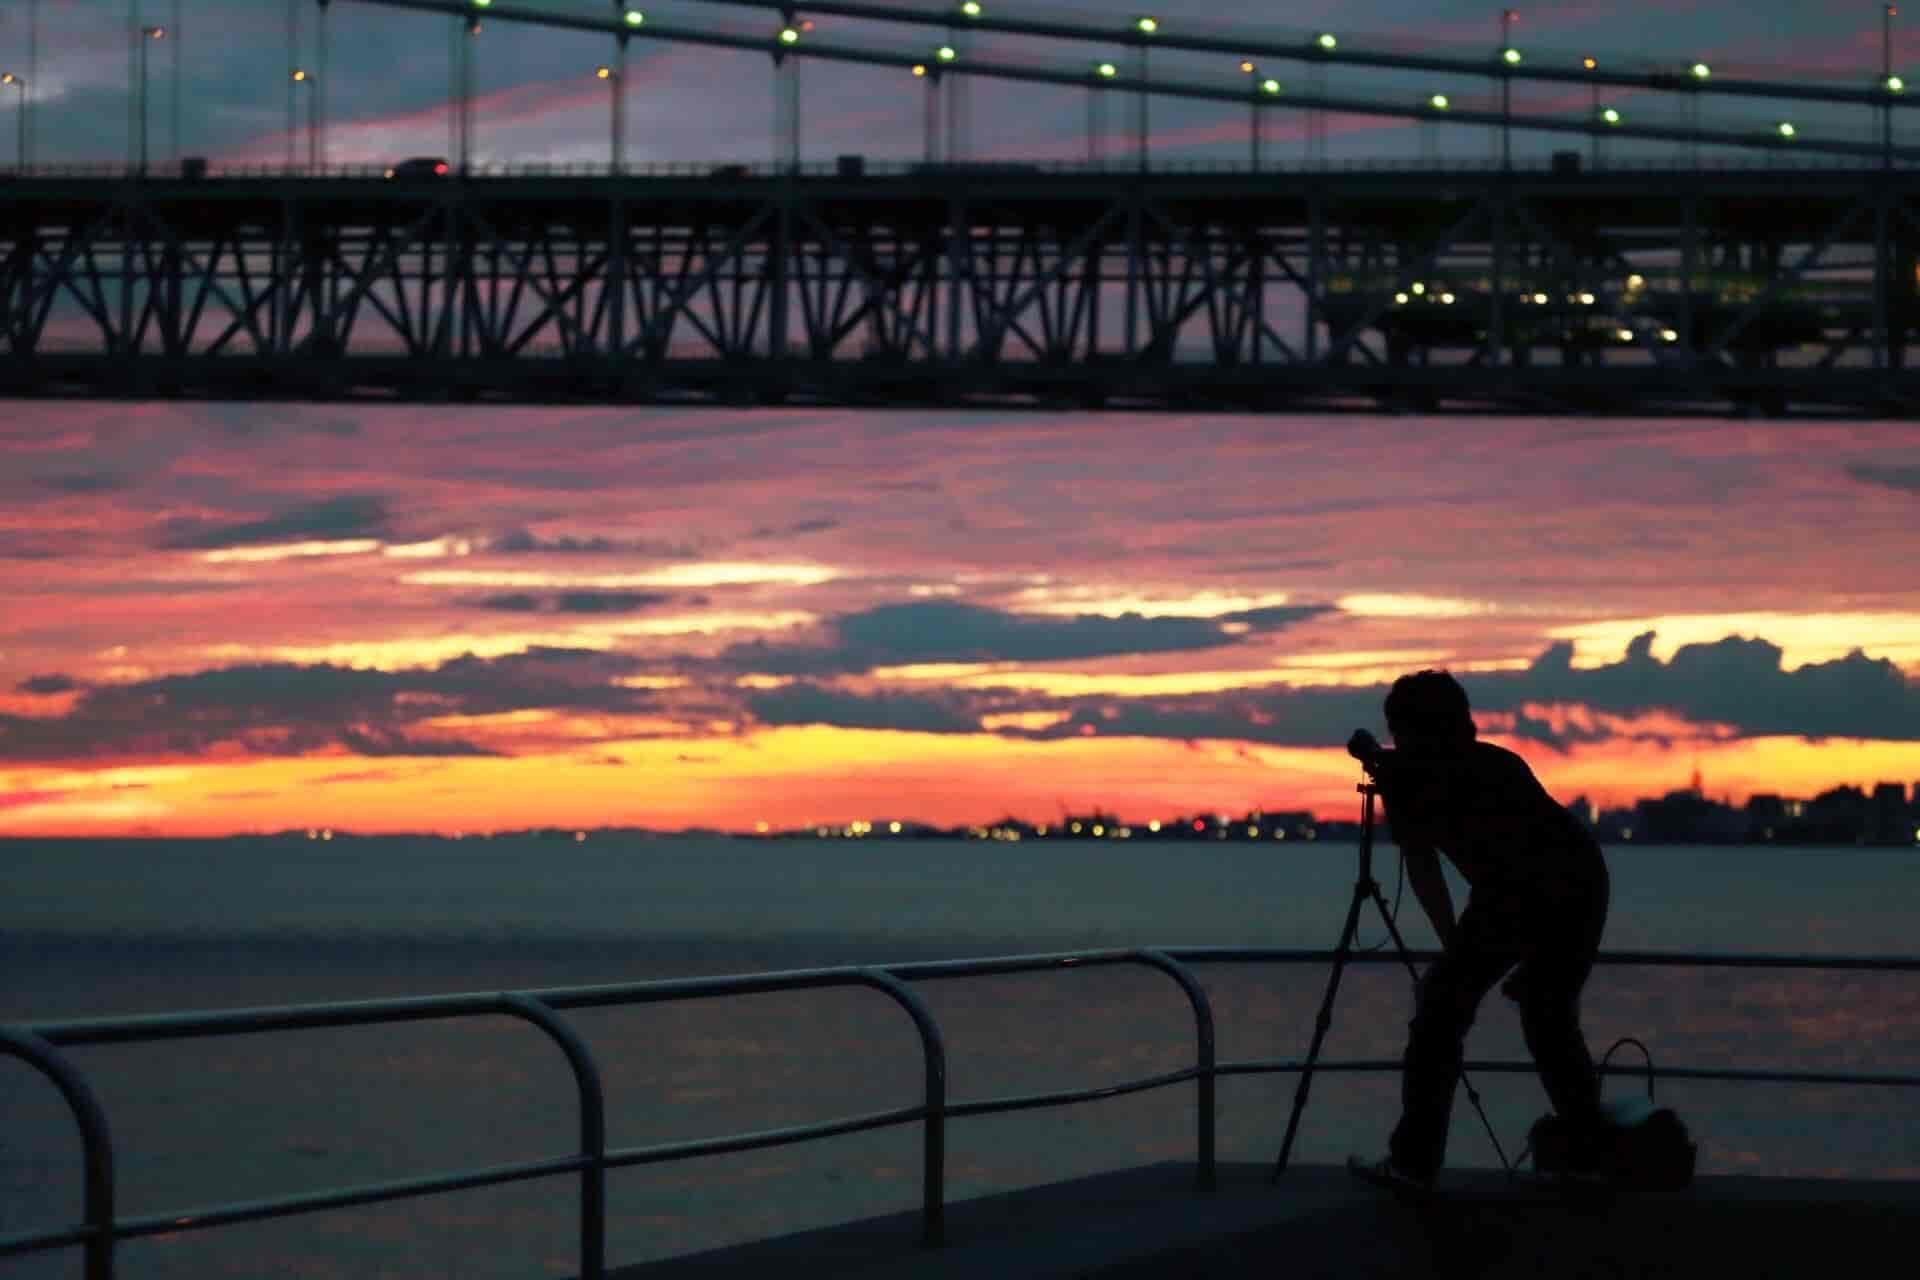 ラブ探偵事務所と他社の千葉県長南町での夜間暗視撮影